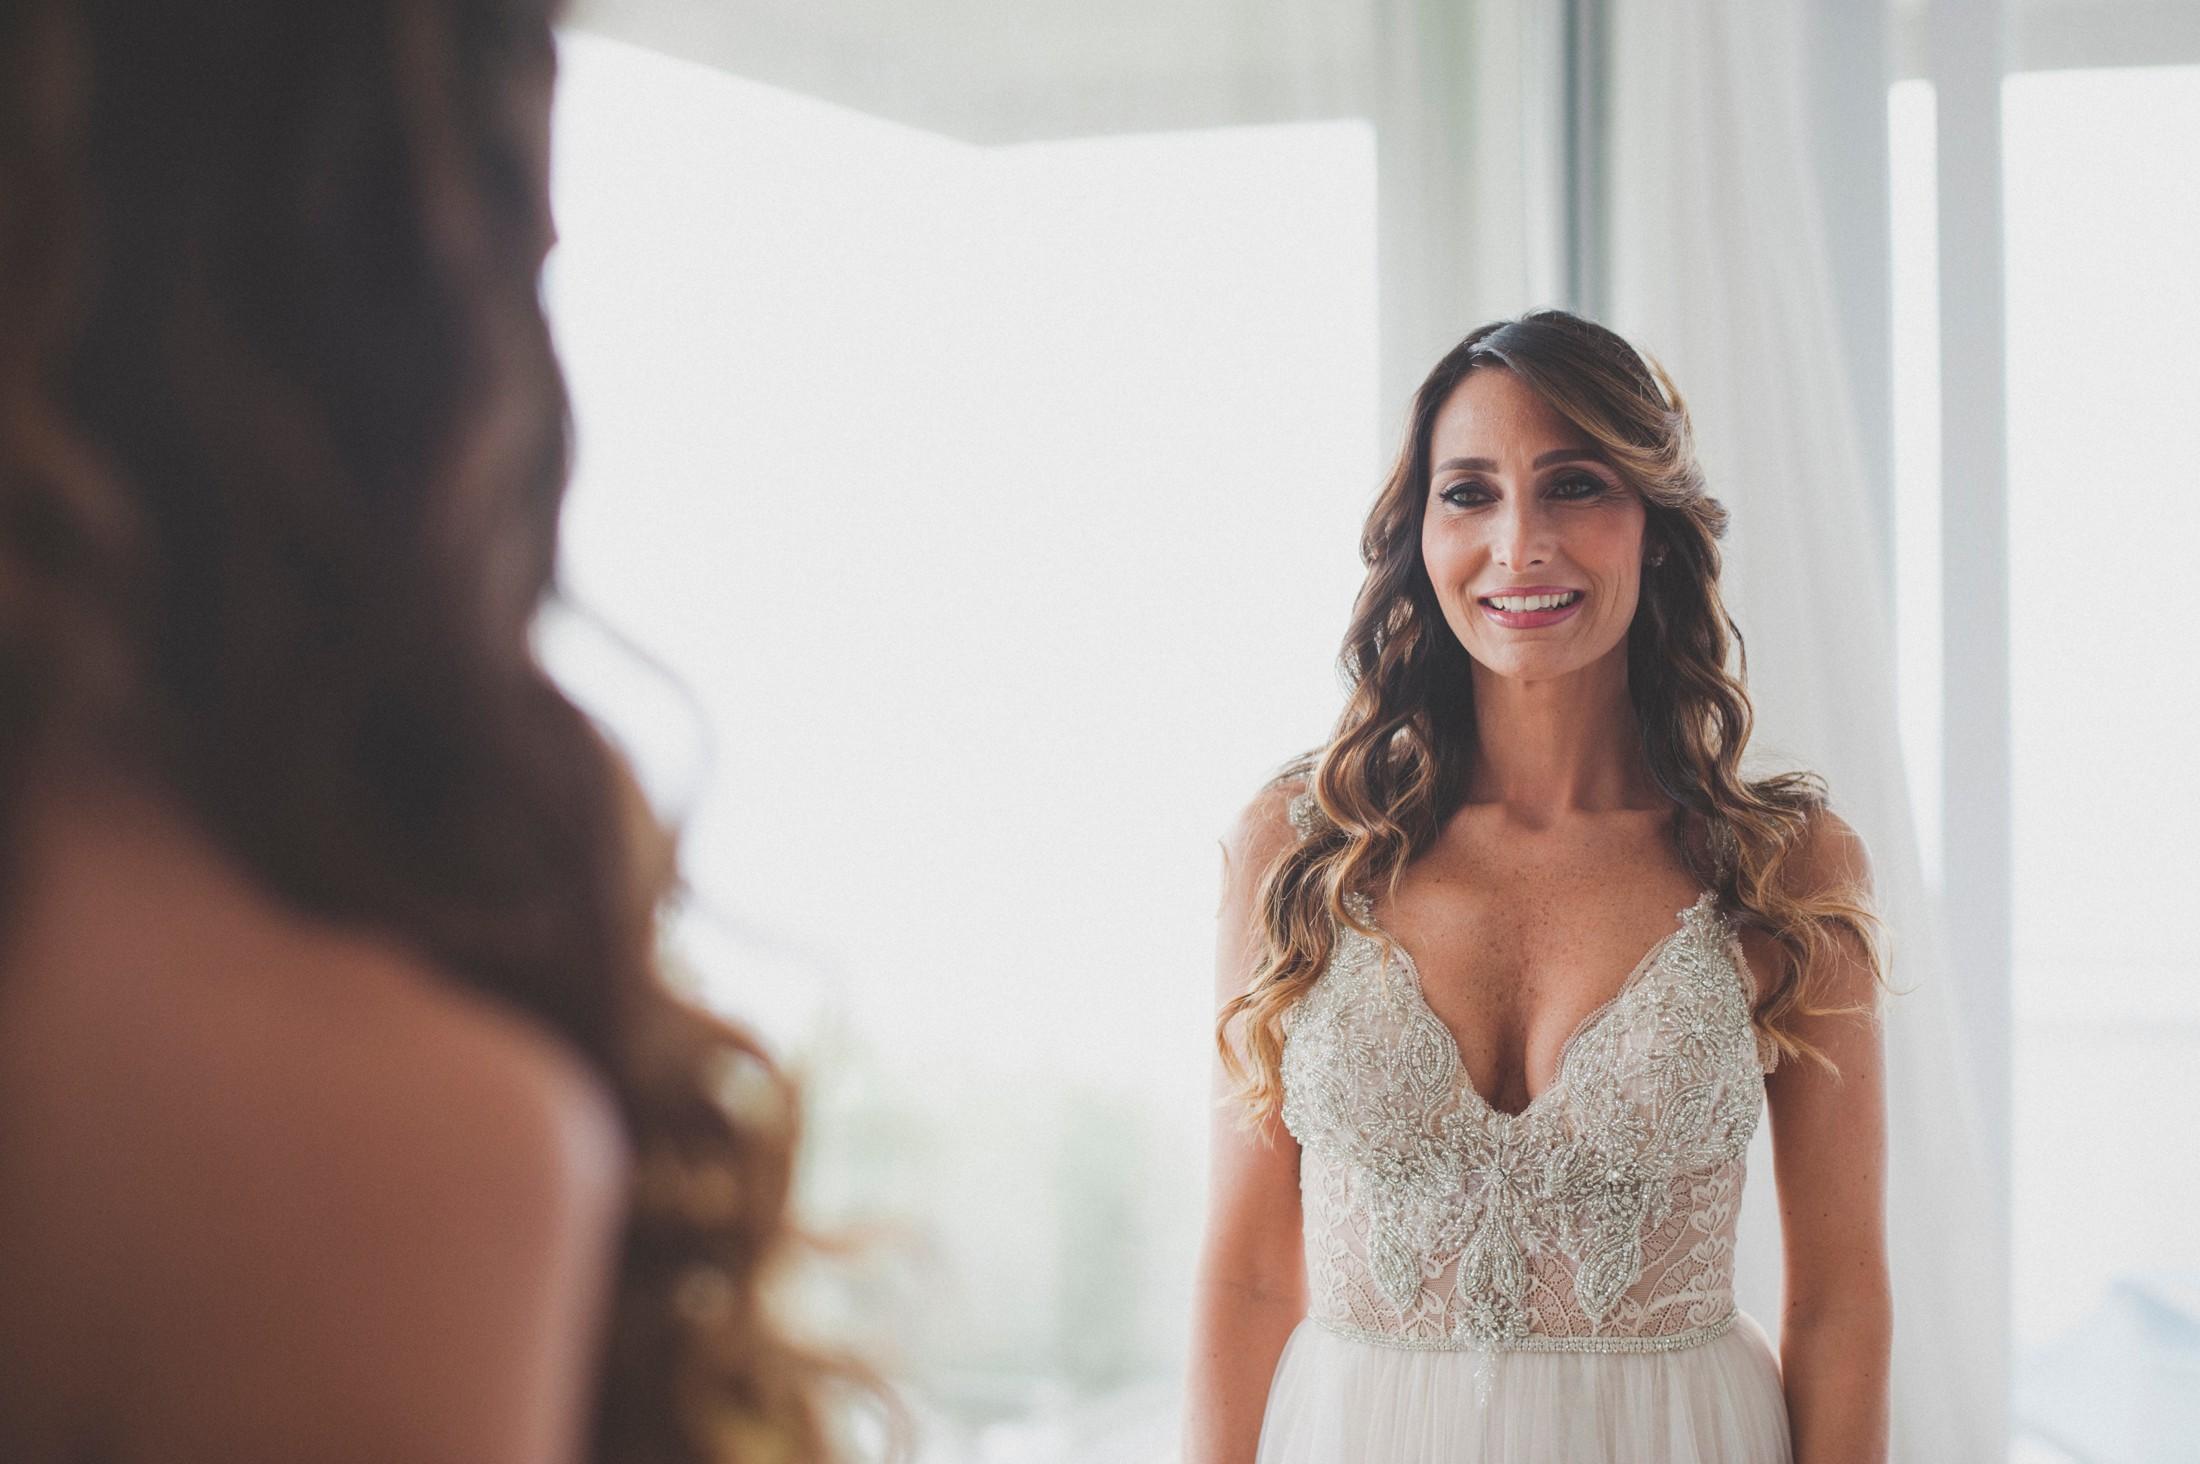 sorrento wedding bride's portrait